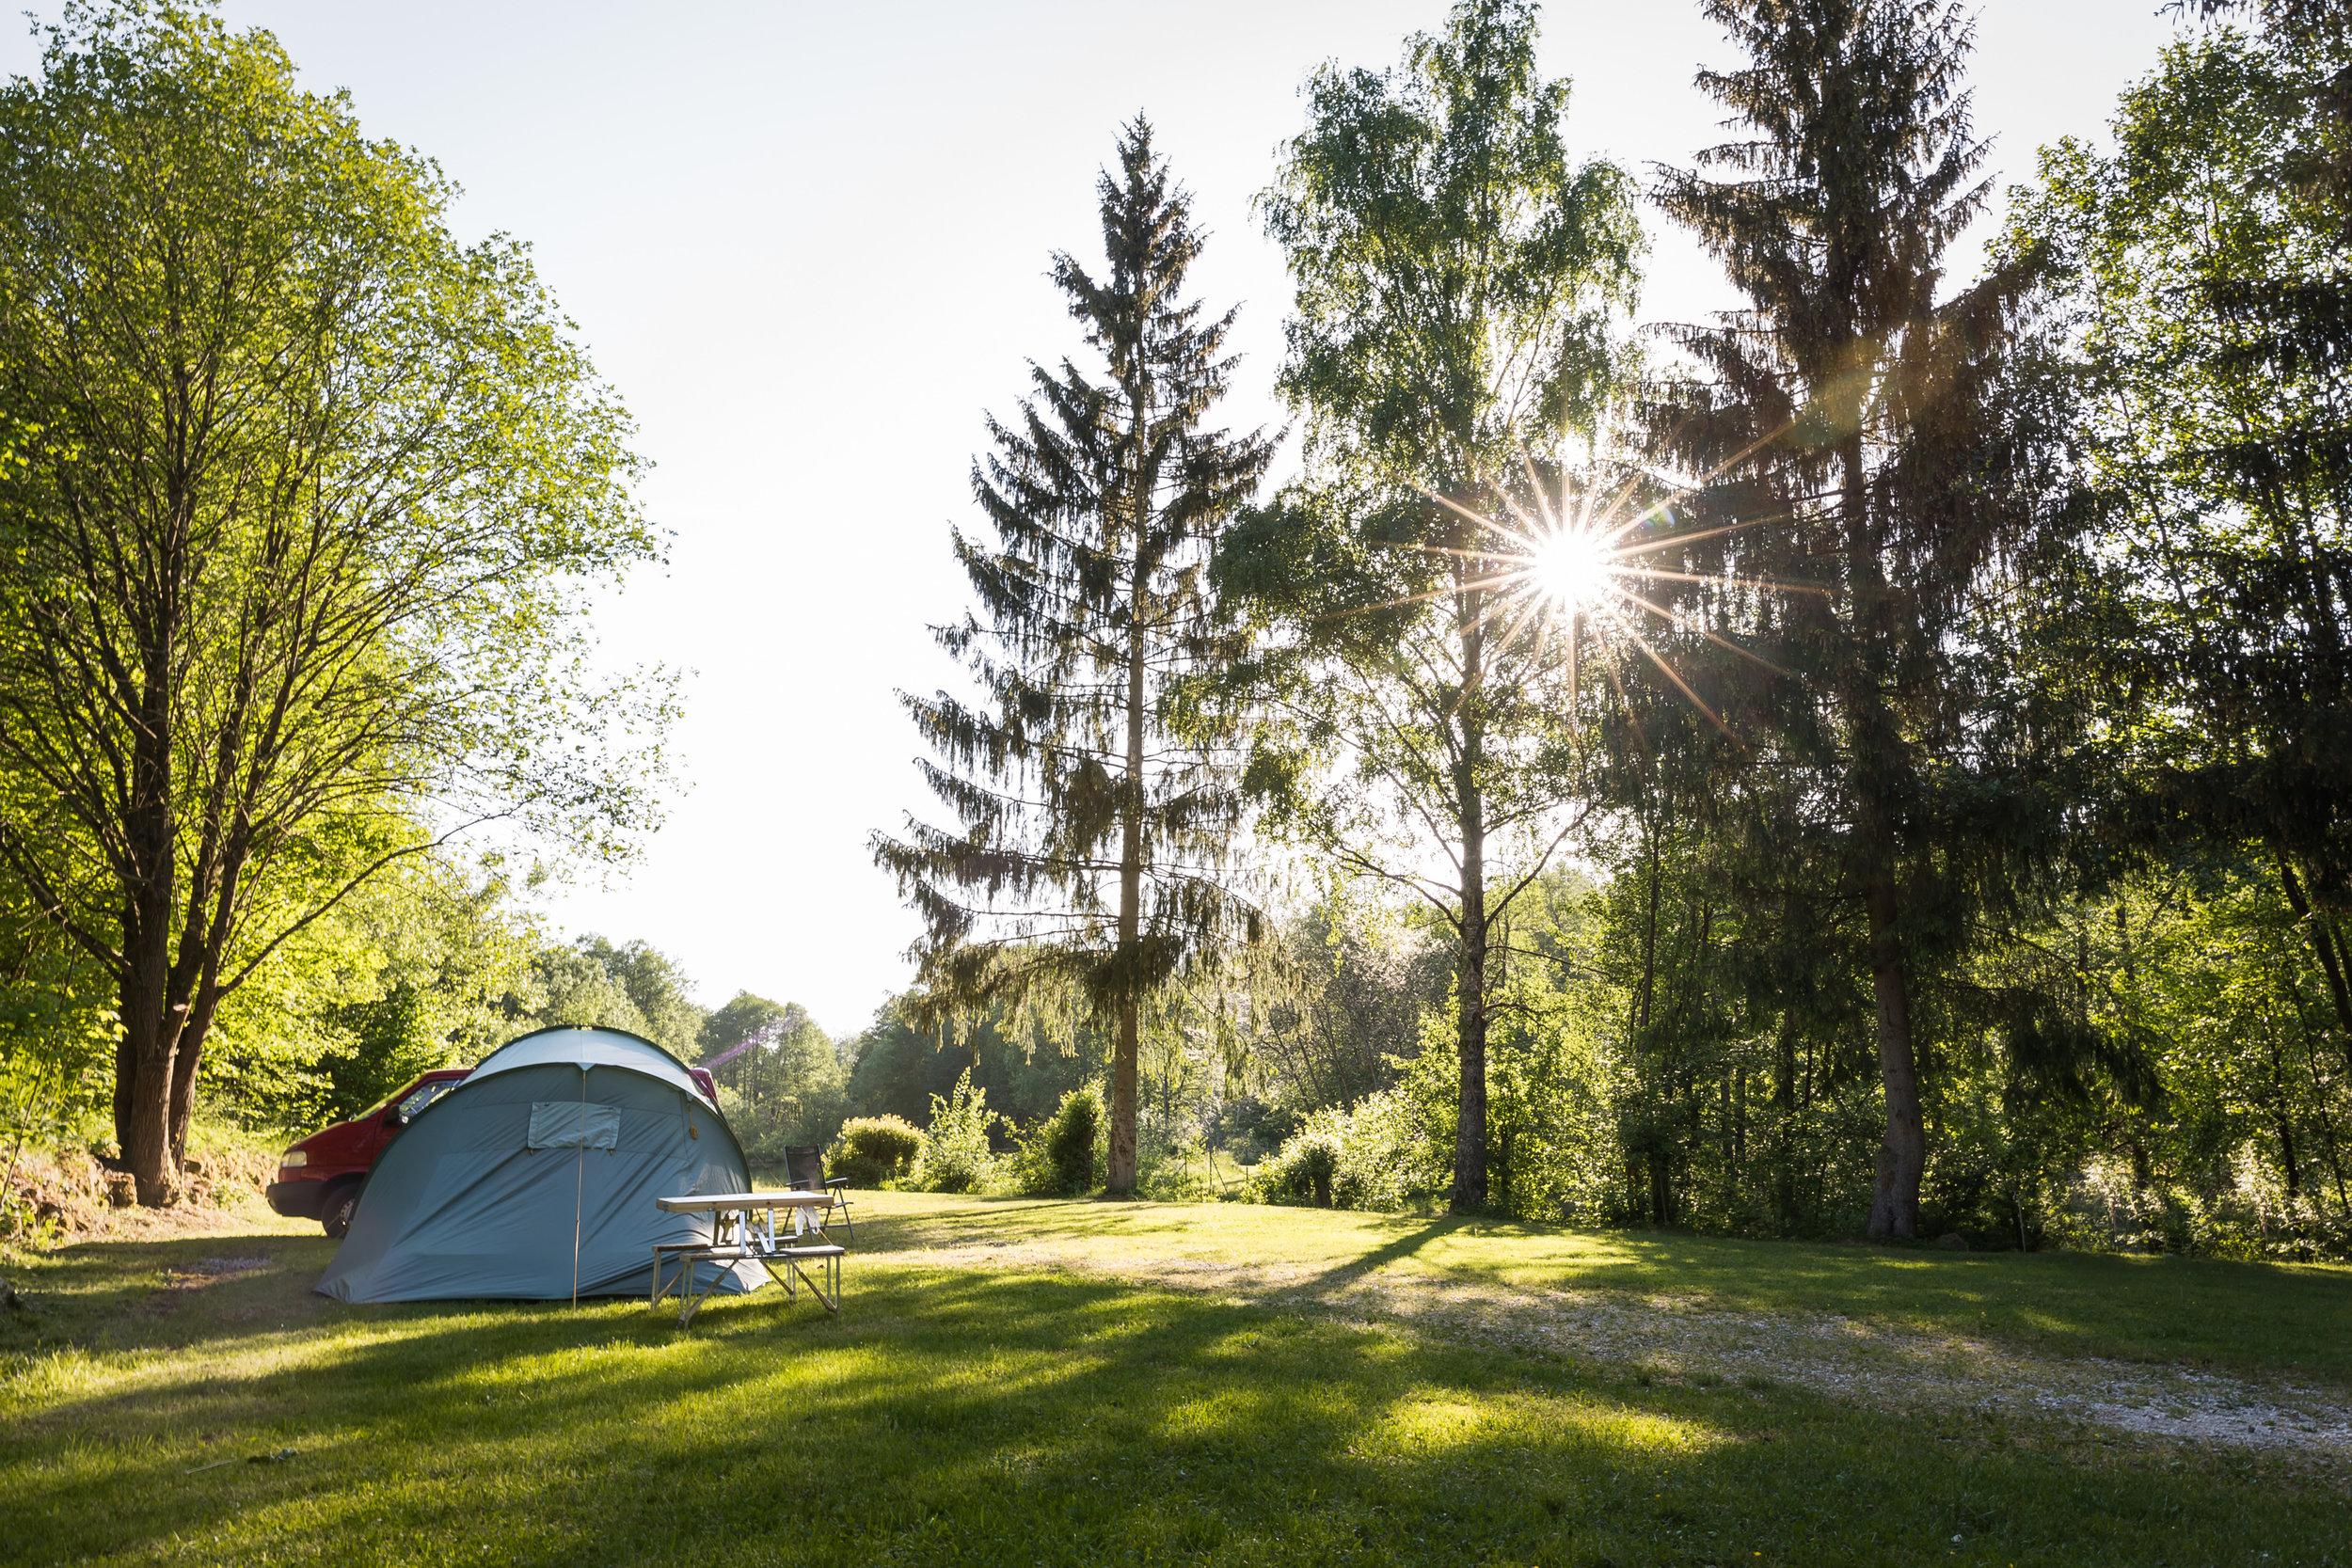 Touristik 2 - Für UrlaubsgästeRuhige LageOptimal für UrlaubsgästeW-LAN (Grundversorgung)Frei von Lichtverschmutzung